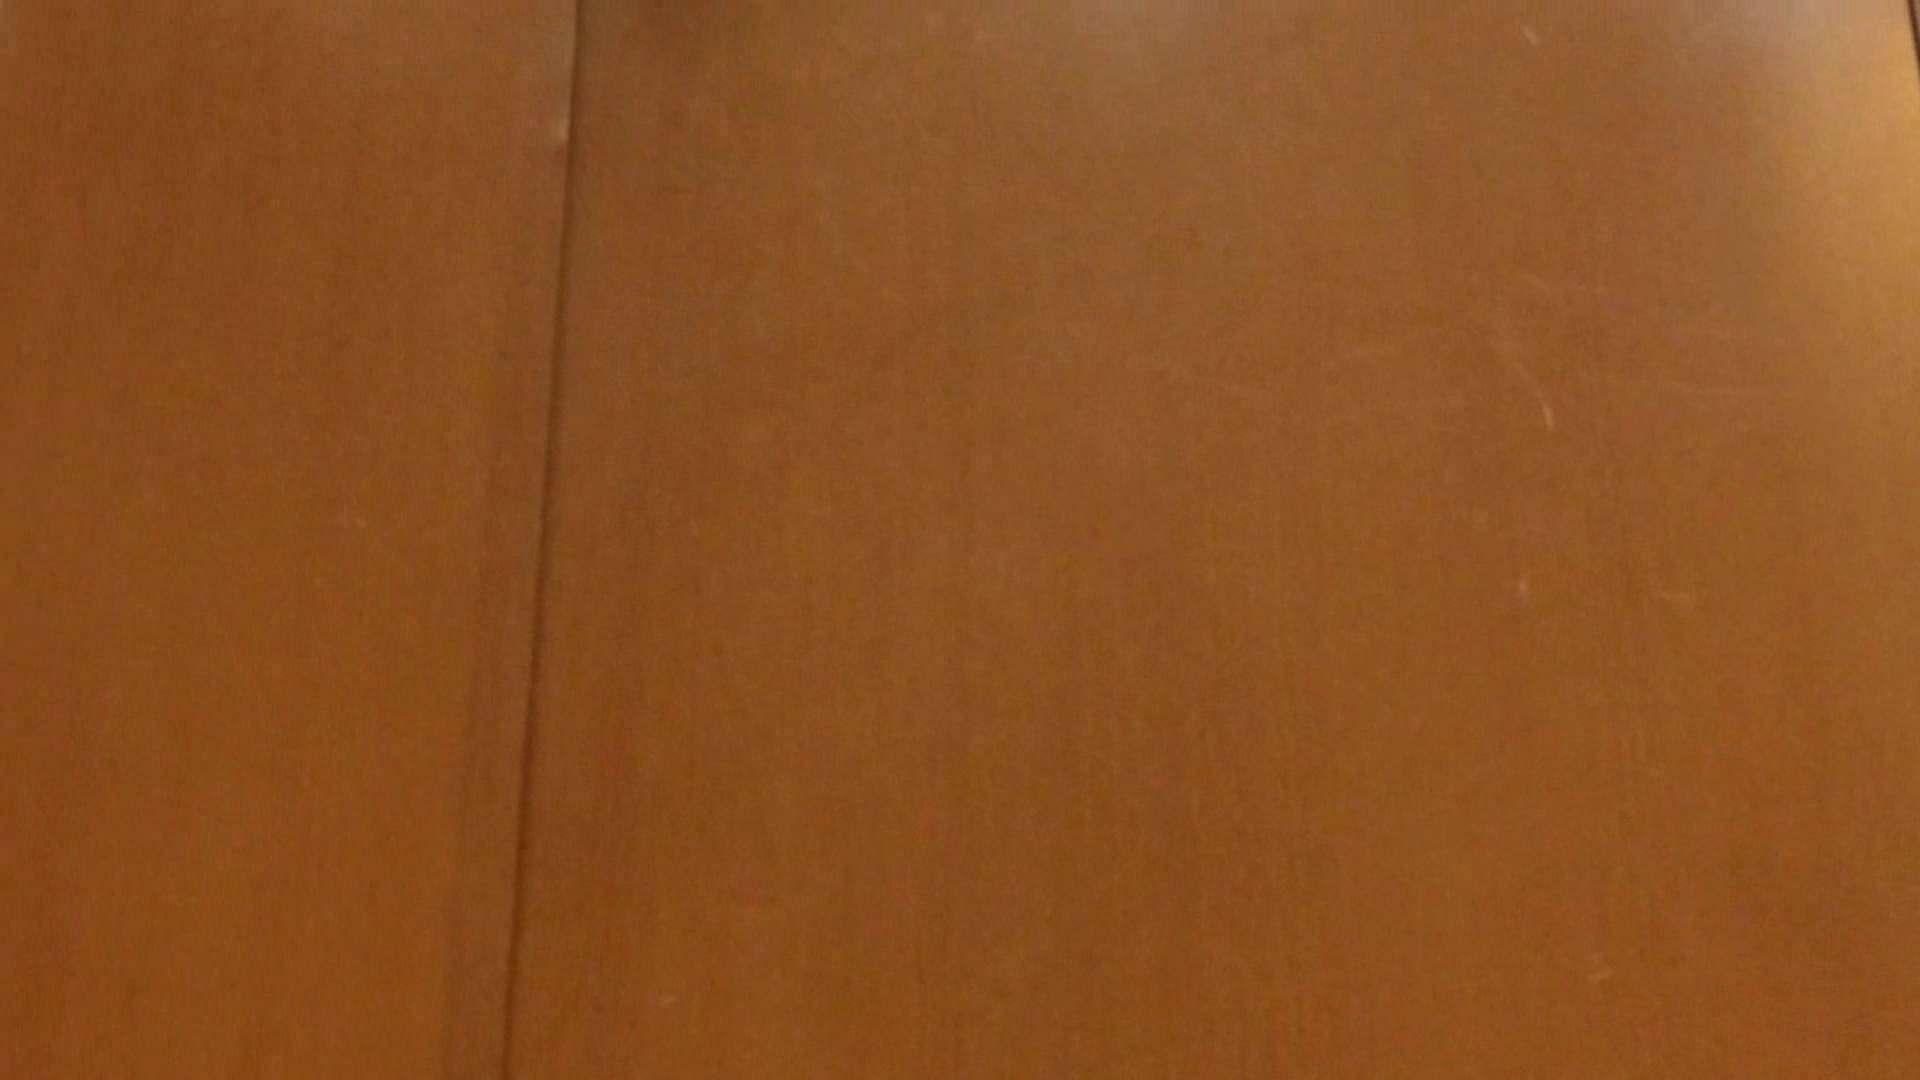 「噂」の国の厠観察日記2 Vol.01 綺麗なOLたち すけべAV動画紹介 60枚 47